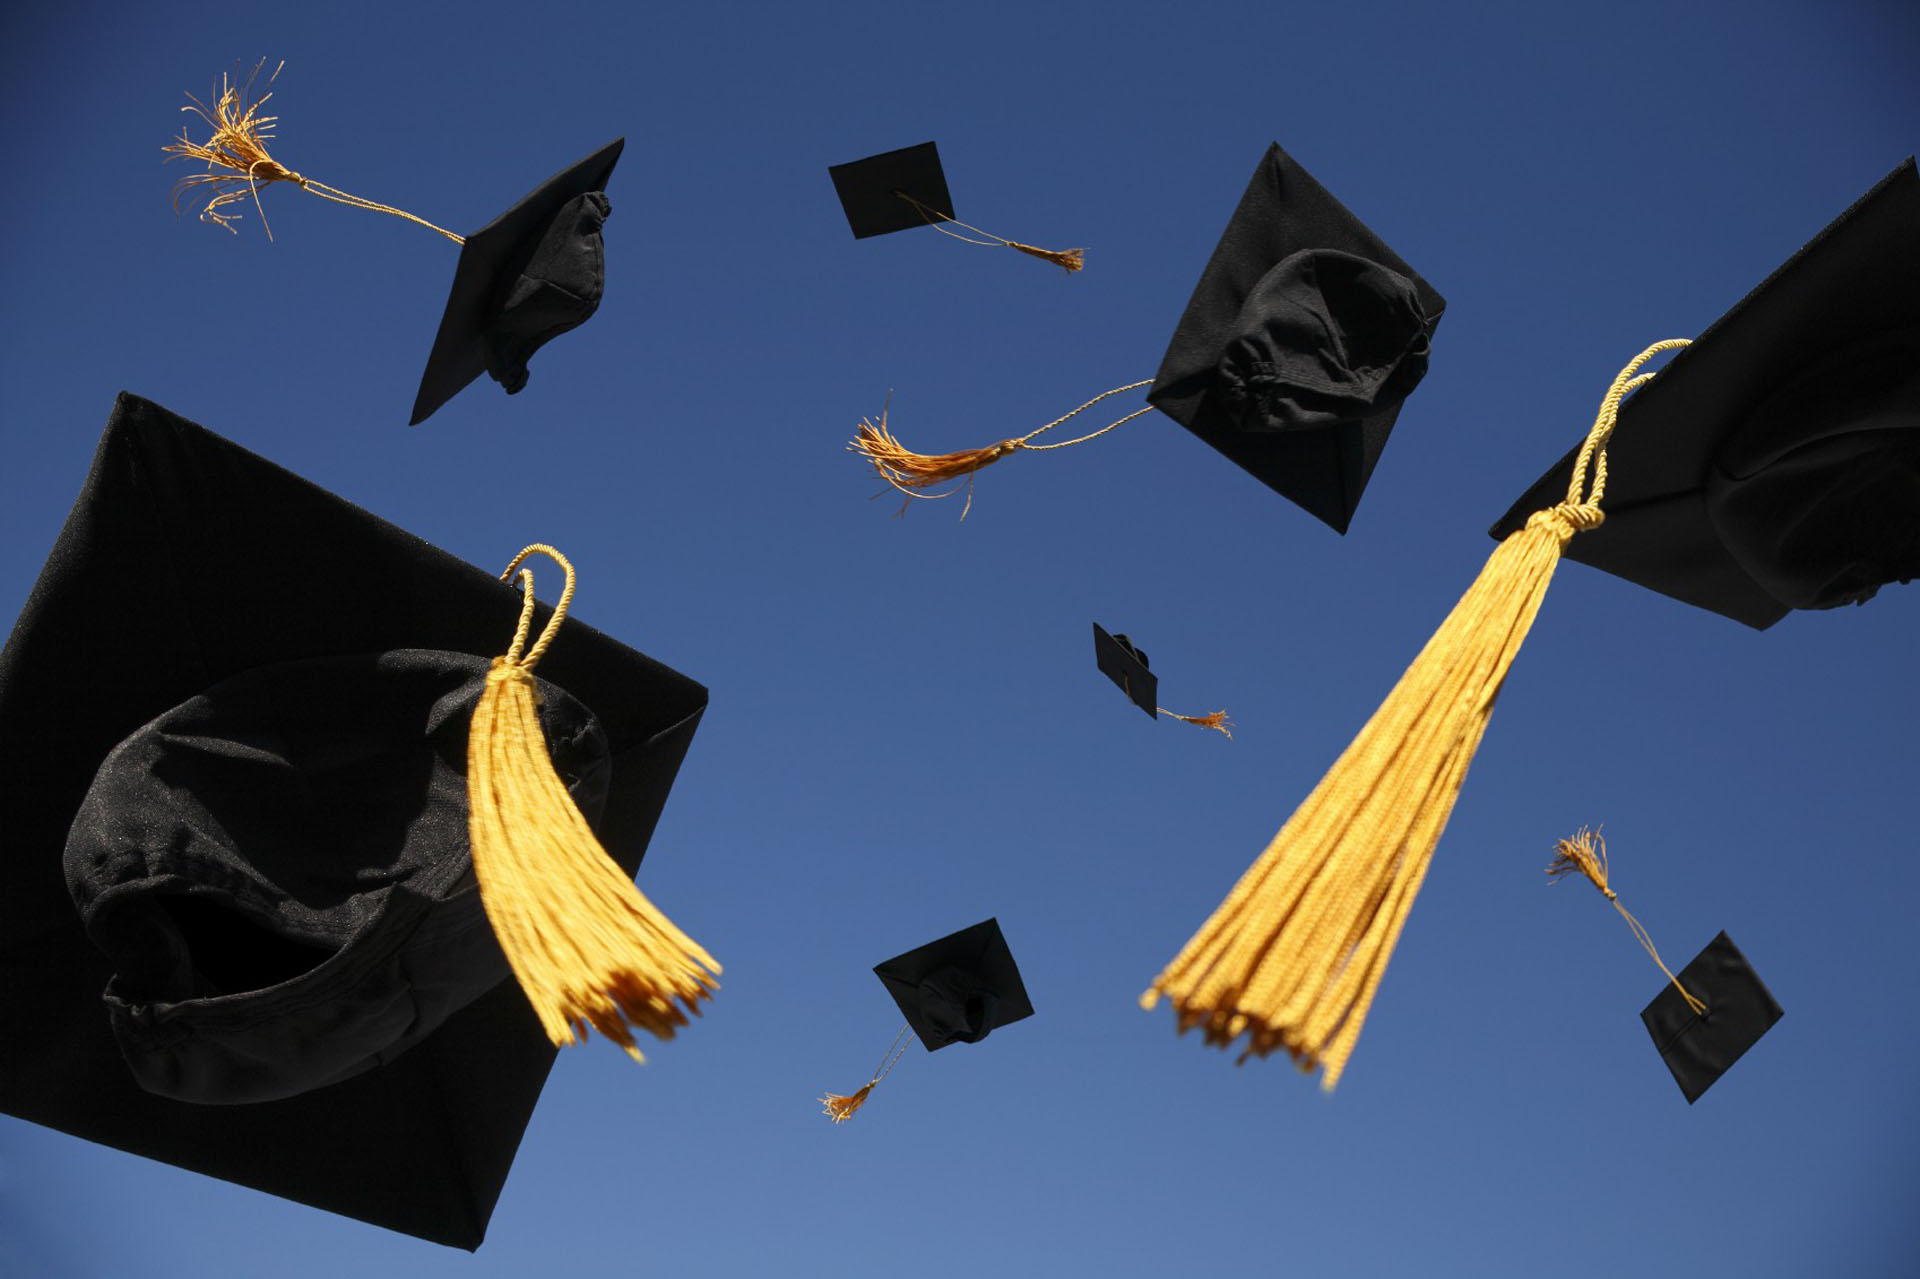 صور التهنئة بالتخرج من الكلية  (12)